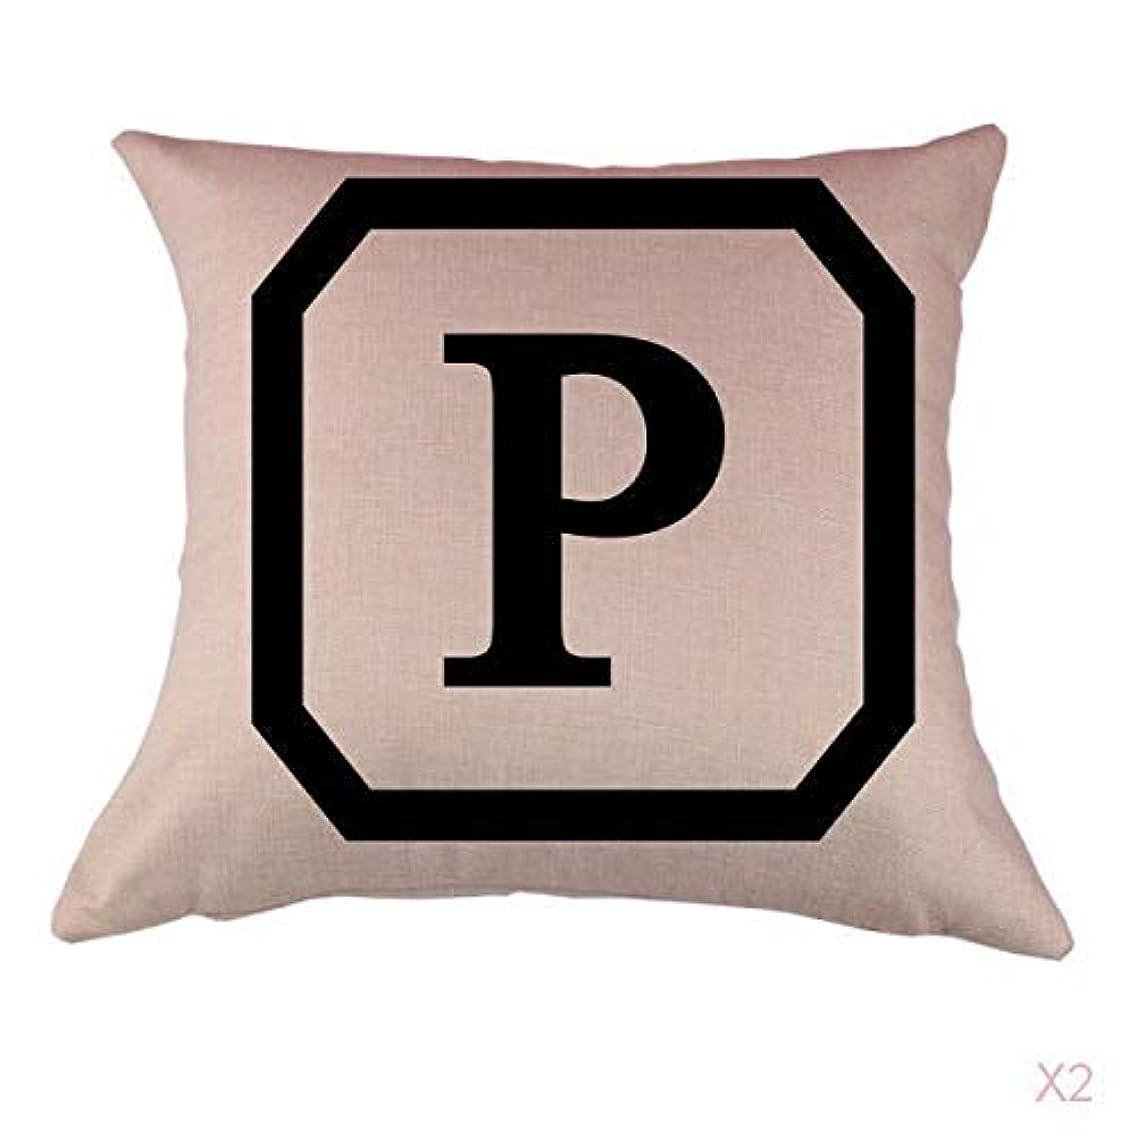 コットンリネンスロー枕カバークッションカバー家の装飾頭文字P